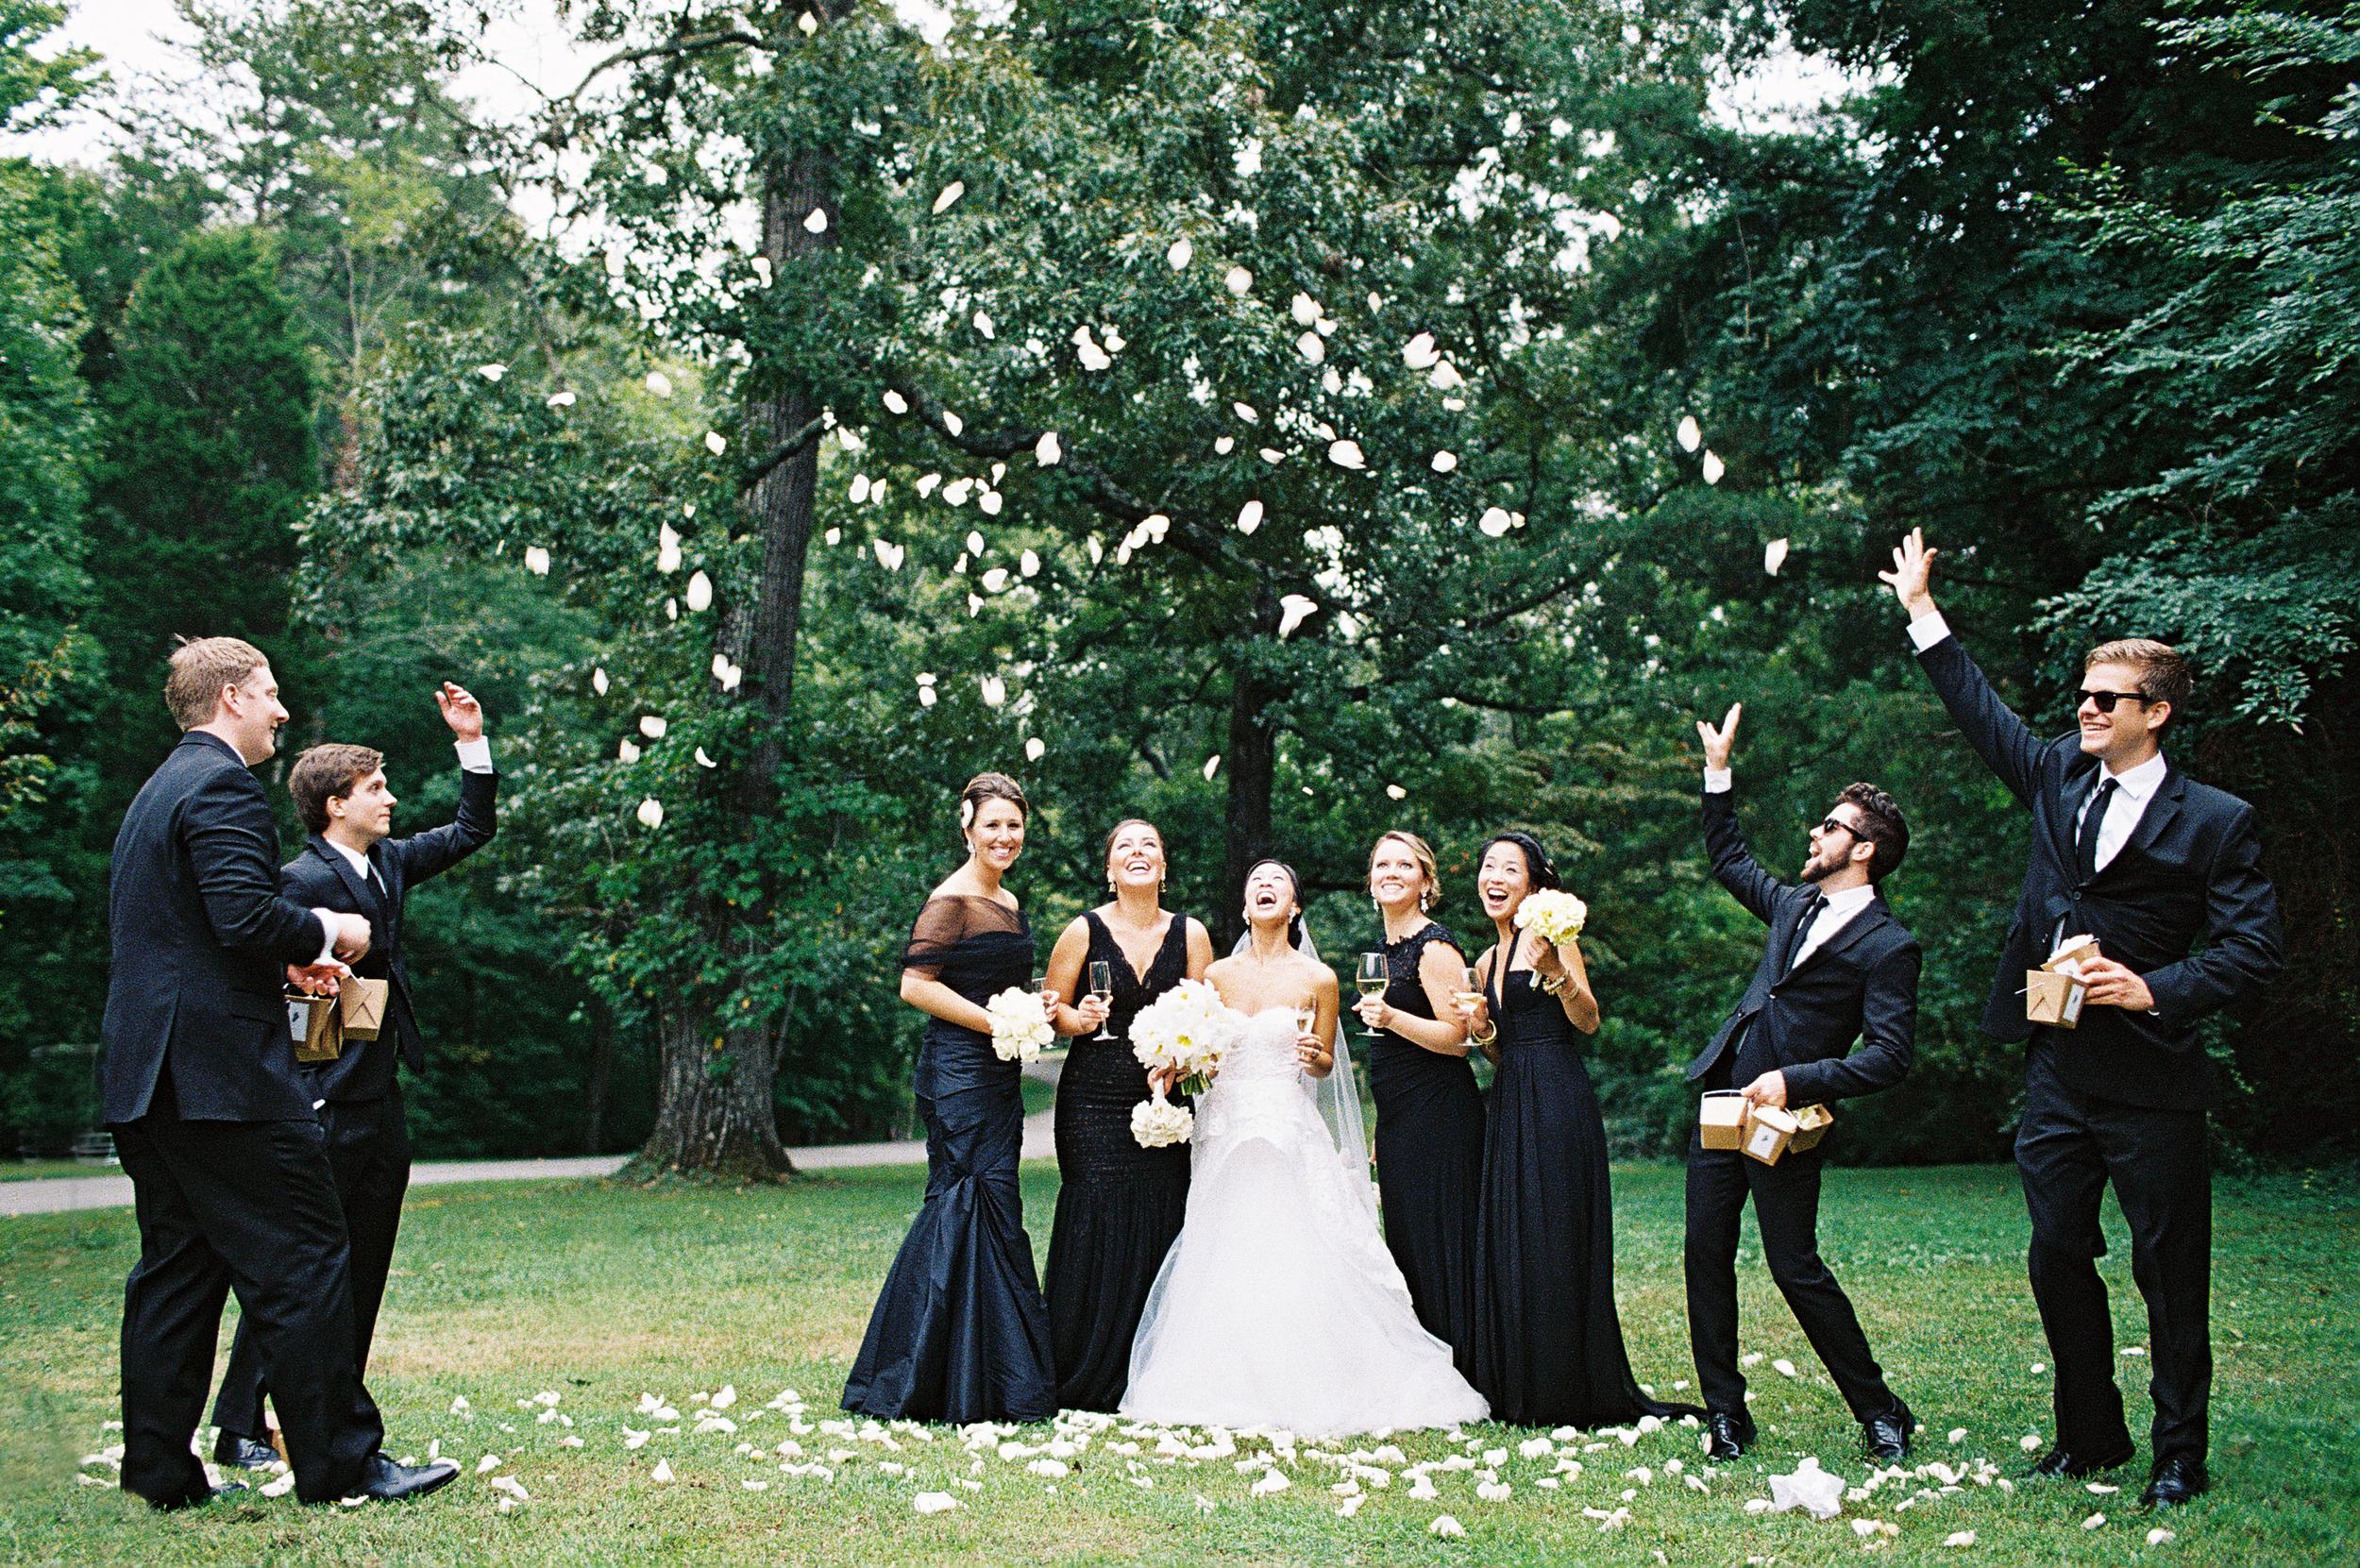 natalie_watson_weddings_1008.jpg